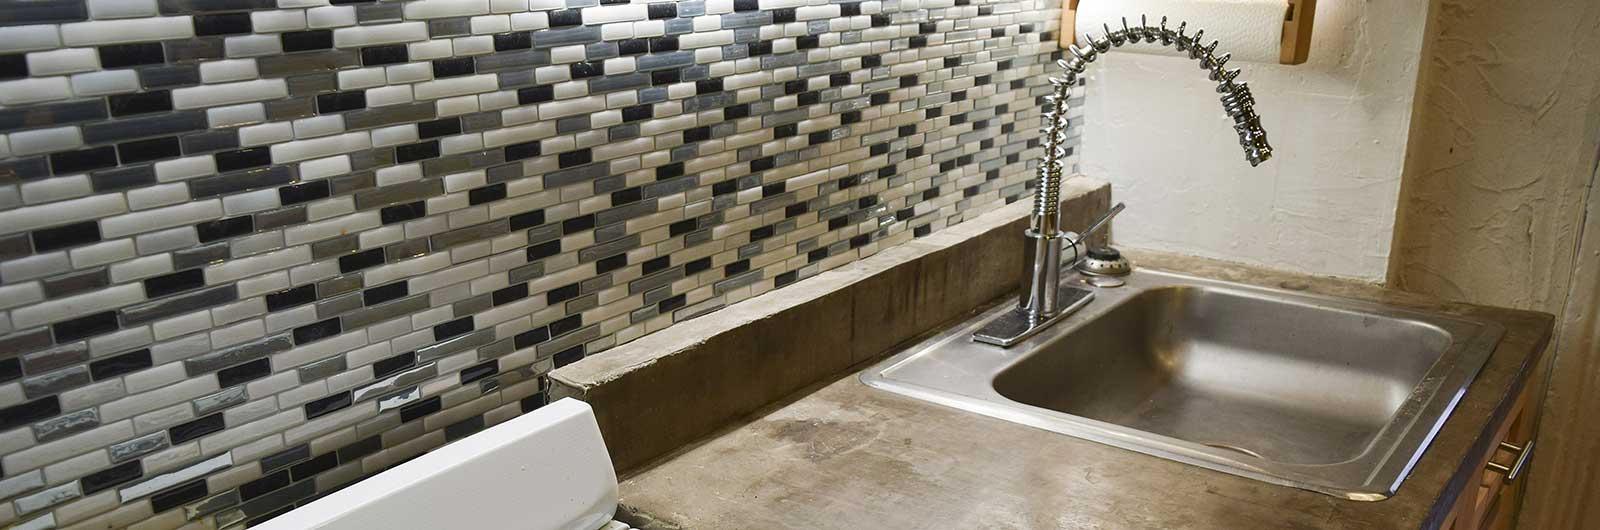 concrete kitchen countertops austin tx